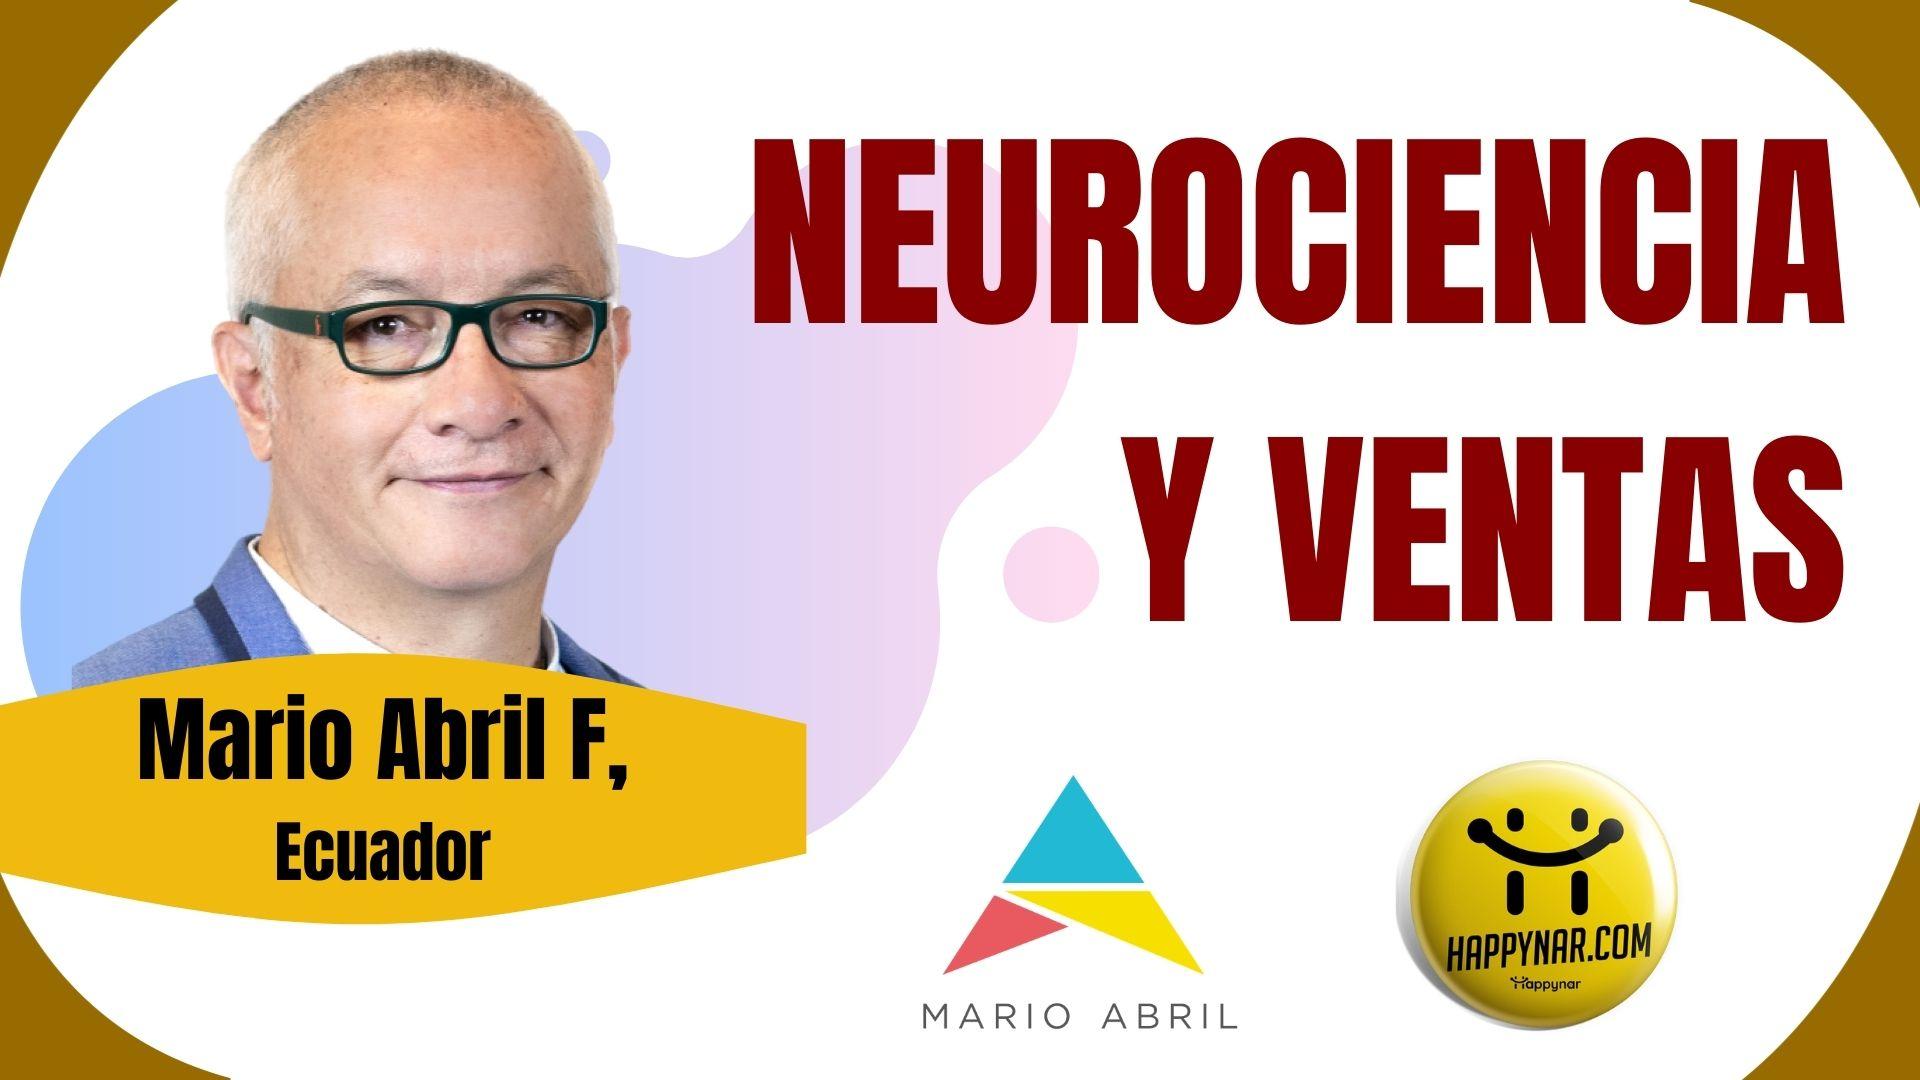 Neurociencia y Ventas